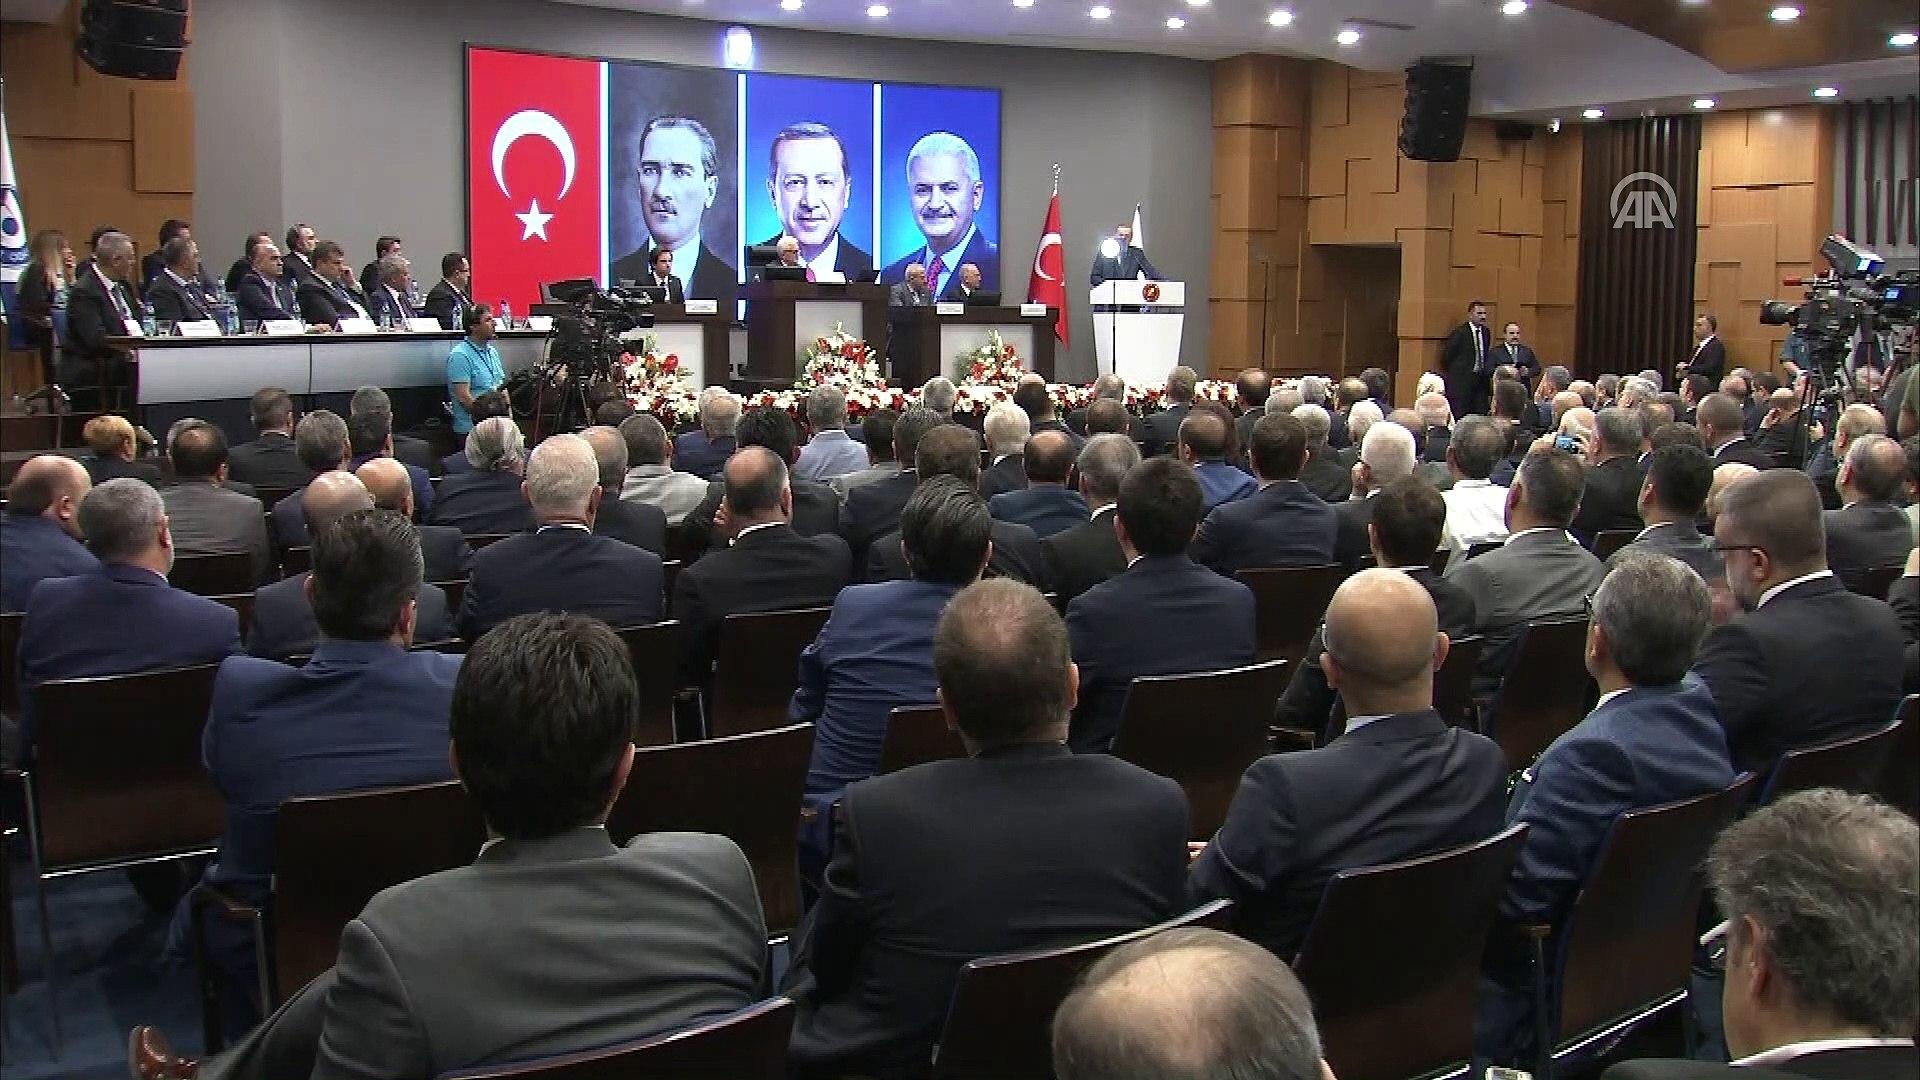 Cumhurbaşkanı Erdoğan: 'Yeni dönemin en büyük faydası ekonomiye olacaktır' - İZMİR